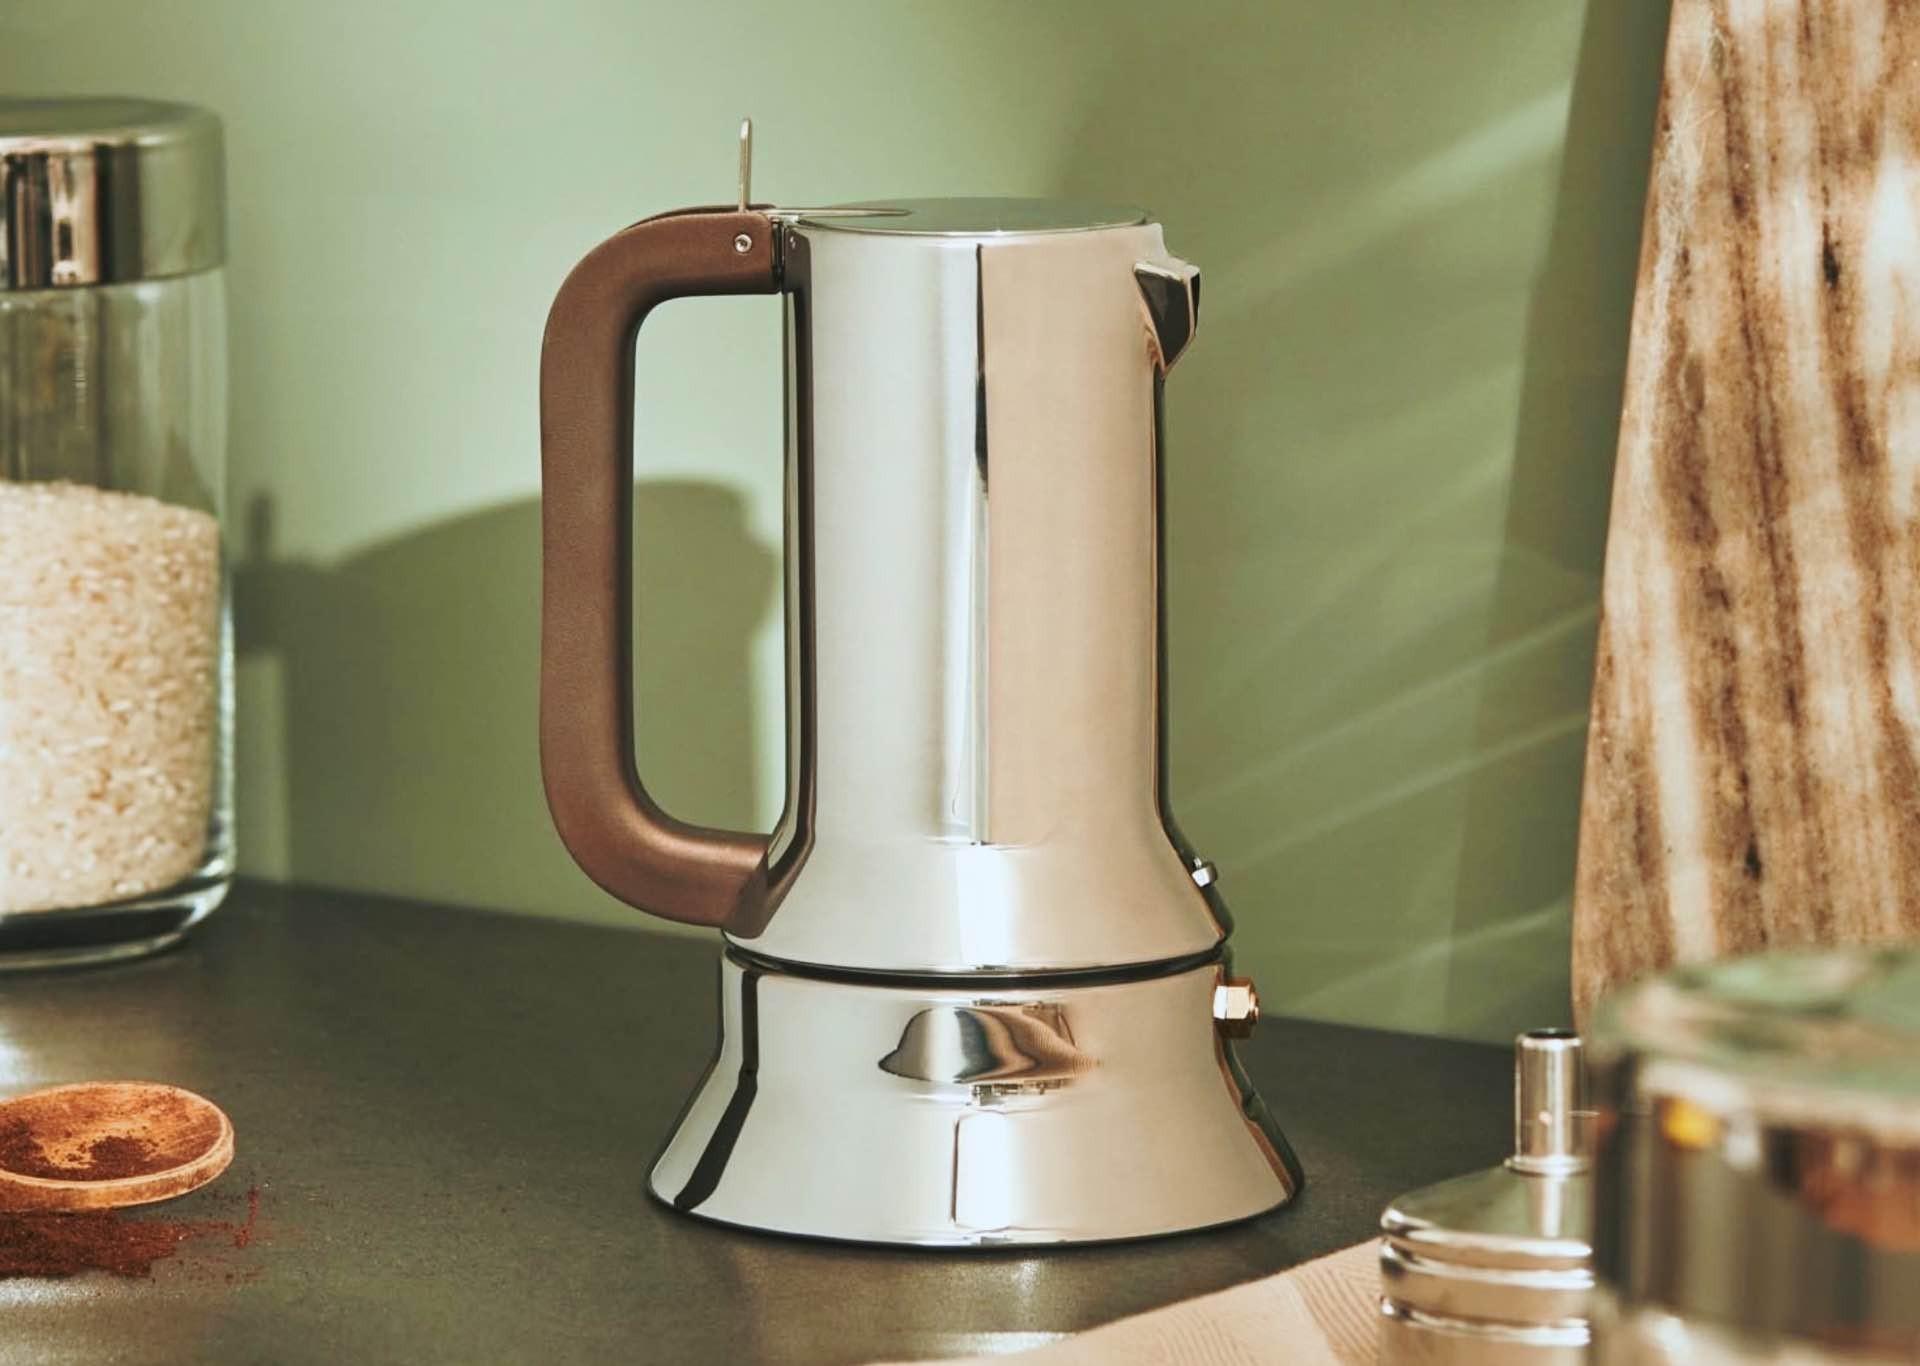 richard-sapper-alessi-9090-stovetop-espresso-maker-2